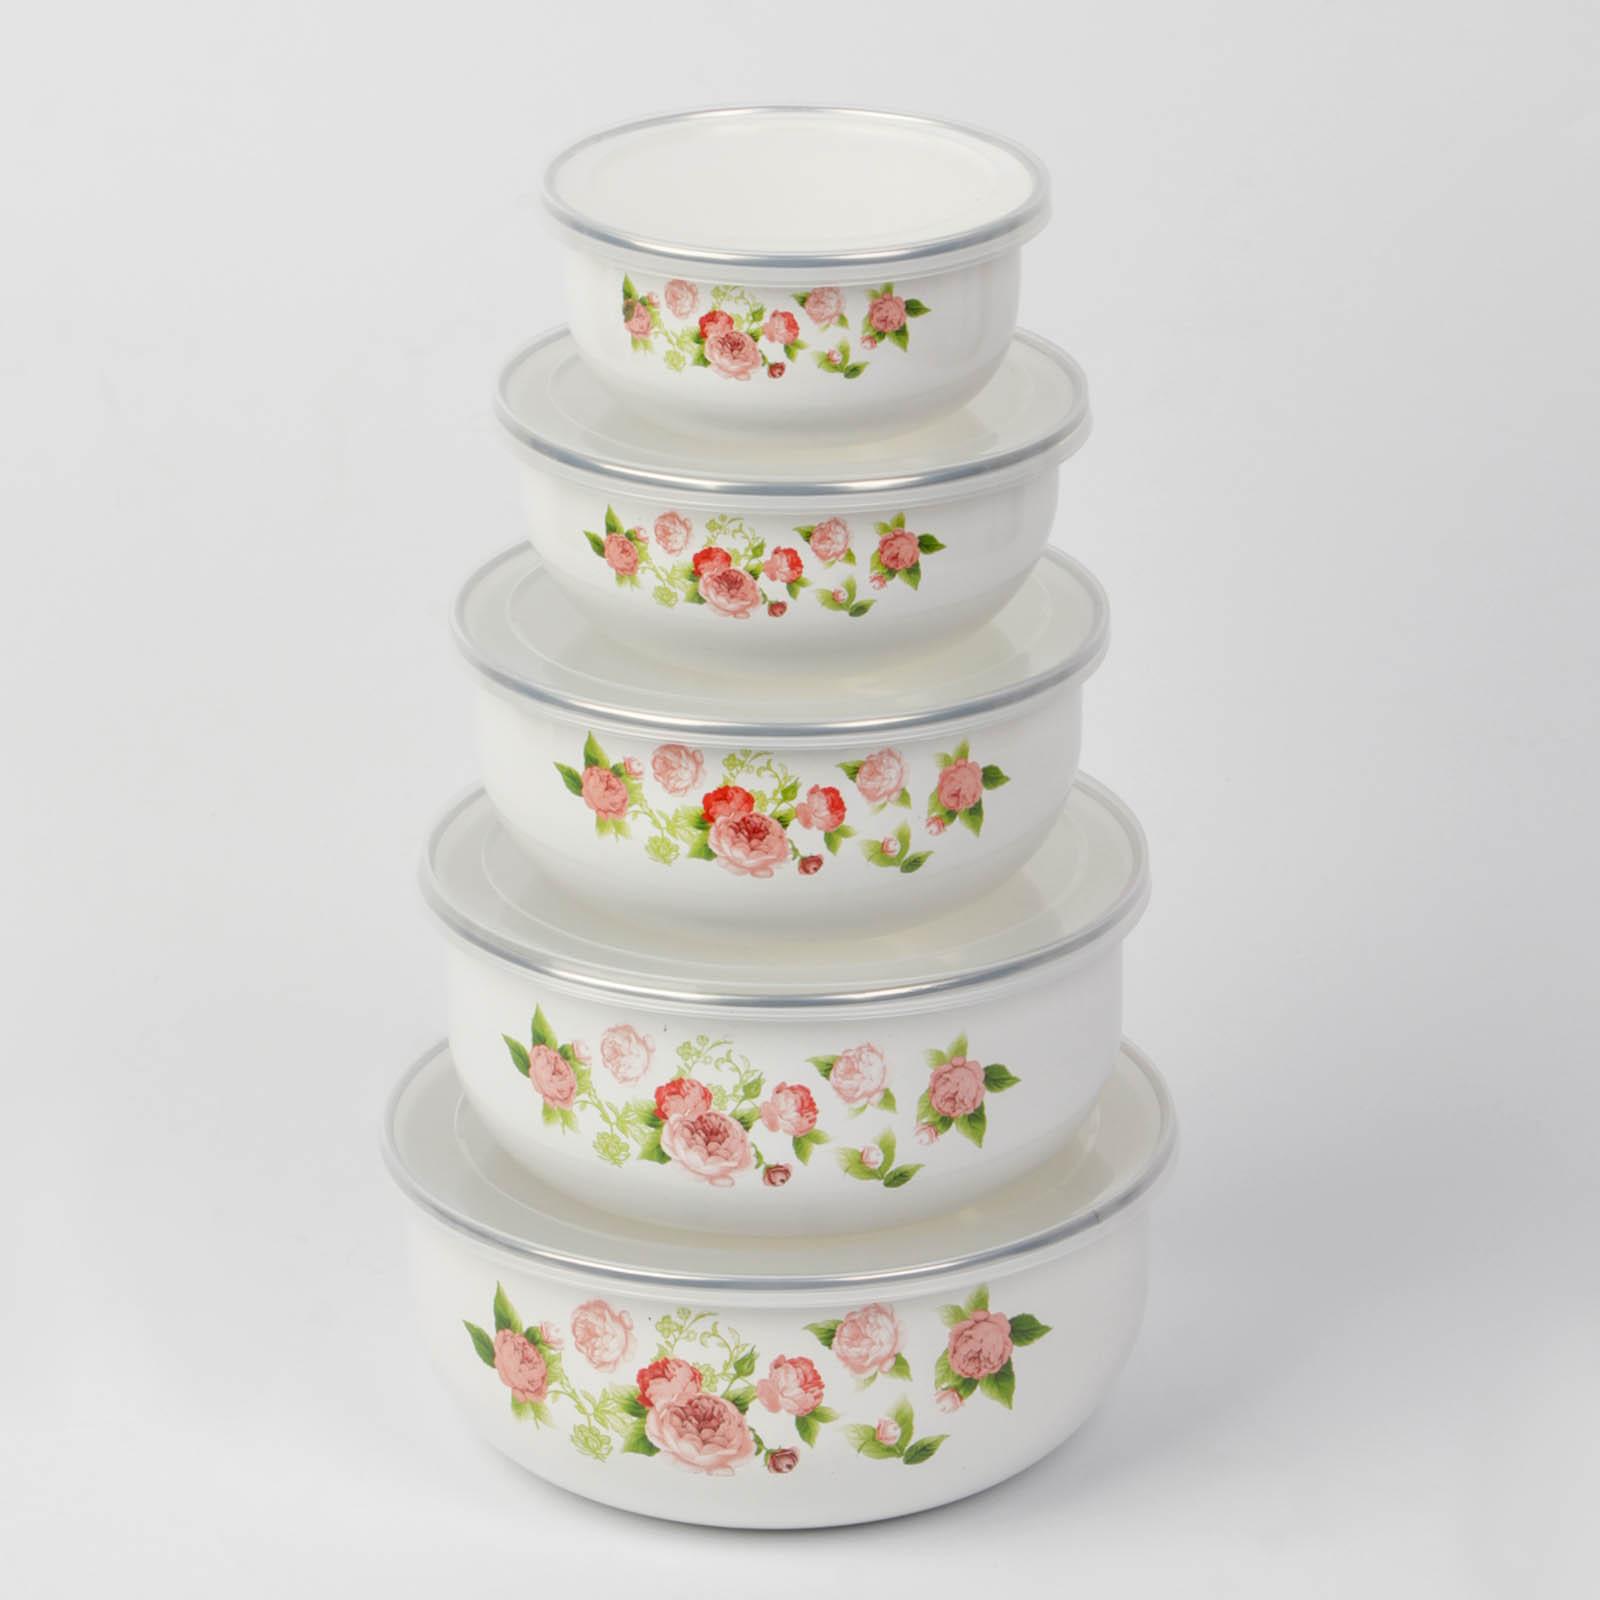 Набор эмалированных салатников 5 штук